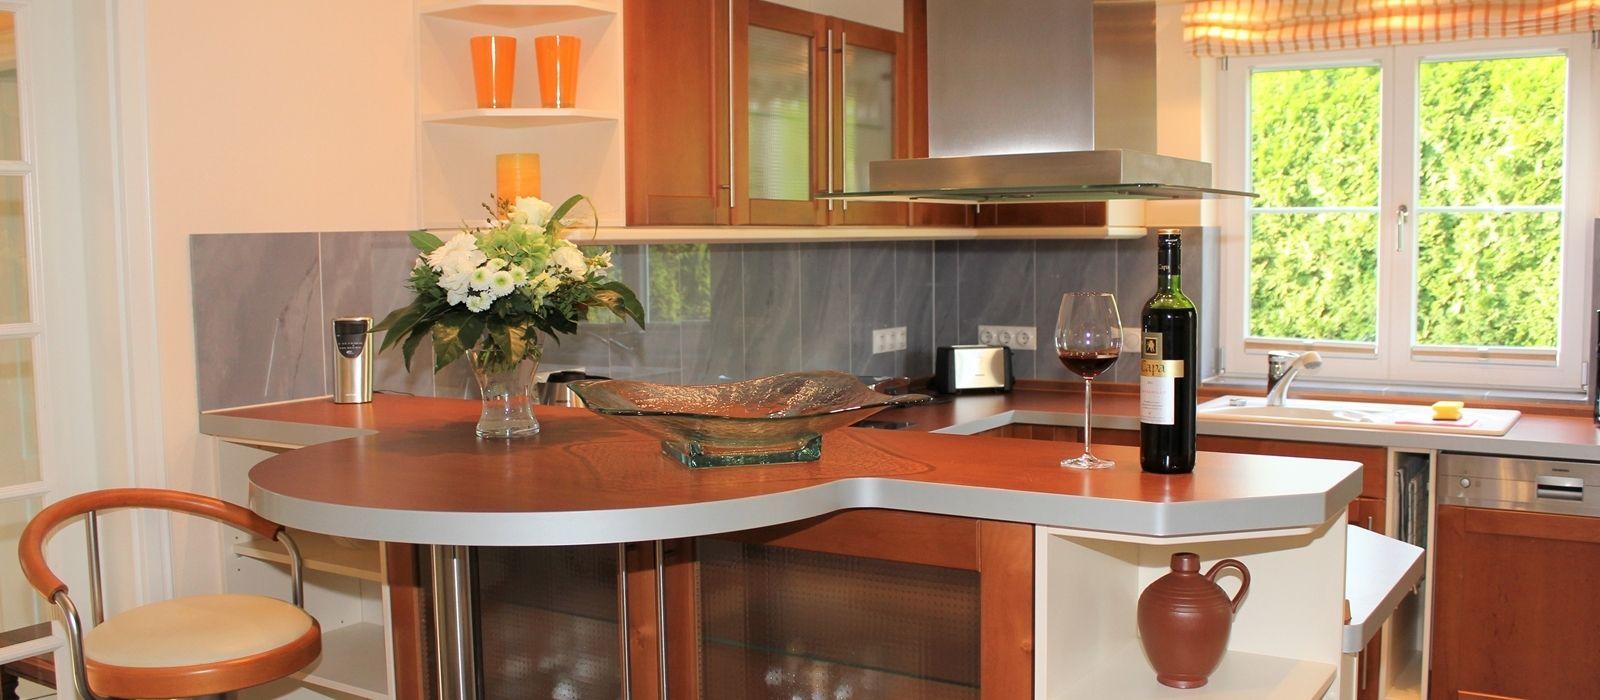 Recknitz Küchen recknitz küche tische für die küche